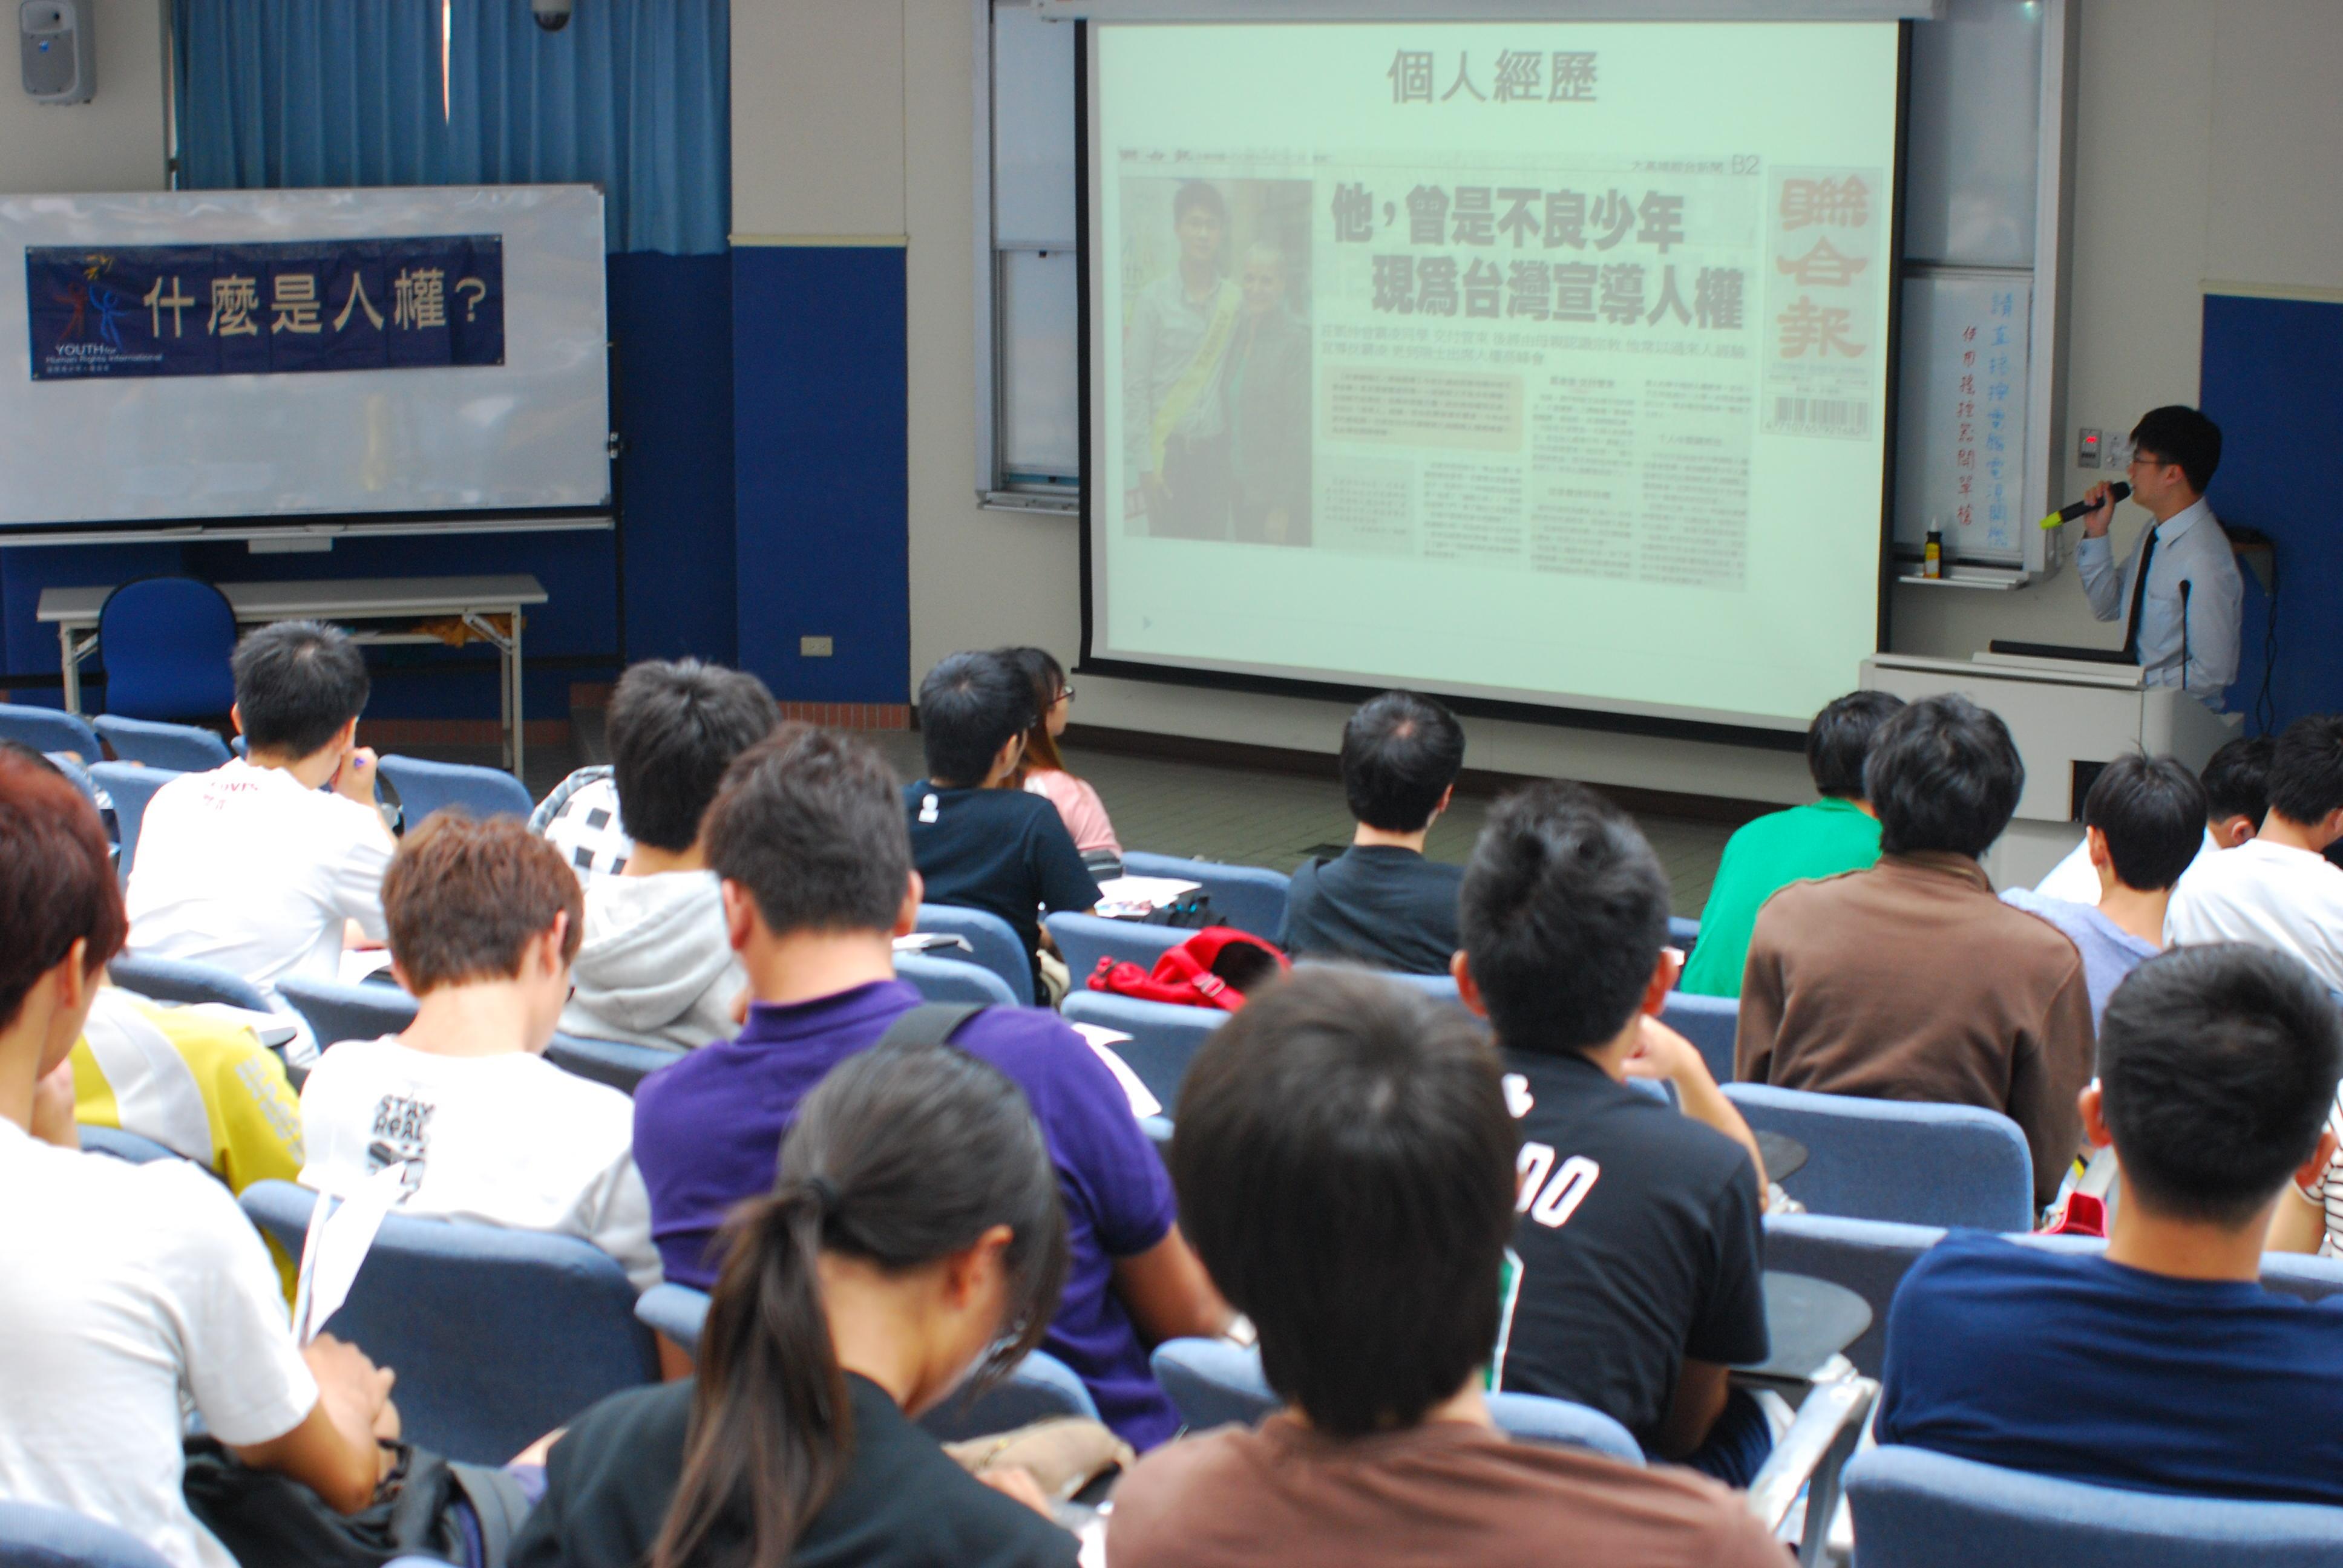 大學城人權國際交流開跑 知名大學學子願意成為人權志工